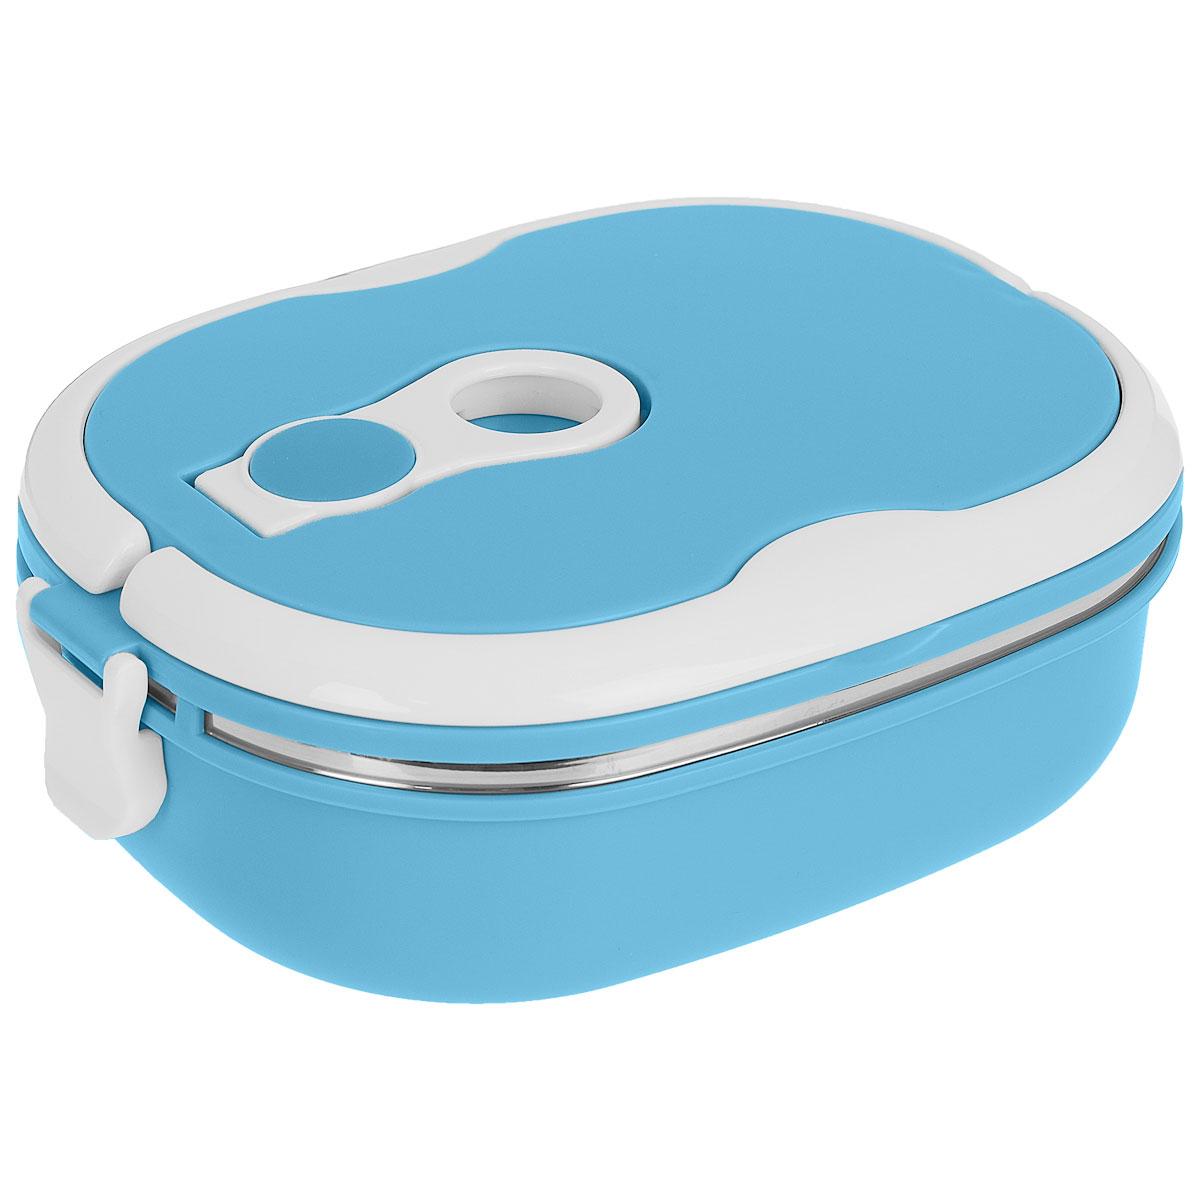 Термо ланч-бокс Bradex Bento, цвет: синий, 0,9 л1301210Компактный термо ланч-бокс Bradex Bento станет незаменимой вещью для офисных работников, водителей, школьников и студентов. Благодаря двойной стенке ланч-бокс сохраняет температуру продуктов в течение 4-5 часов, поэтому вы сможете насладиться теплым обедом и вне дома. Ланч-бокс имеет абсолютно герметичную конструкцию и складные ручки для удобства переноски, также он пригоден для мытья в посудомоечной машине.